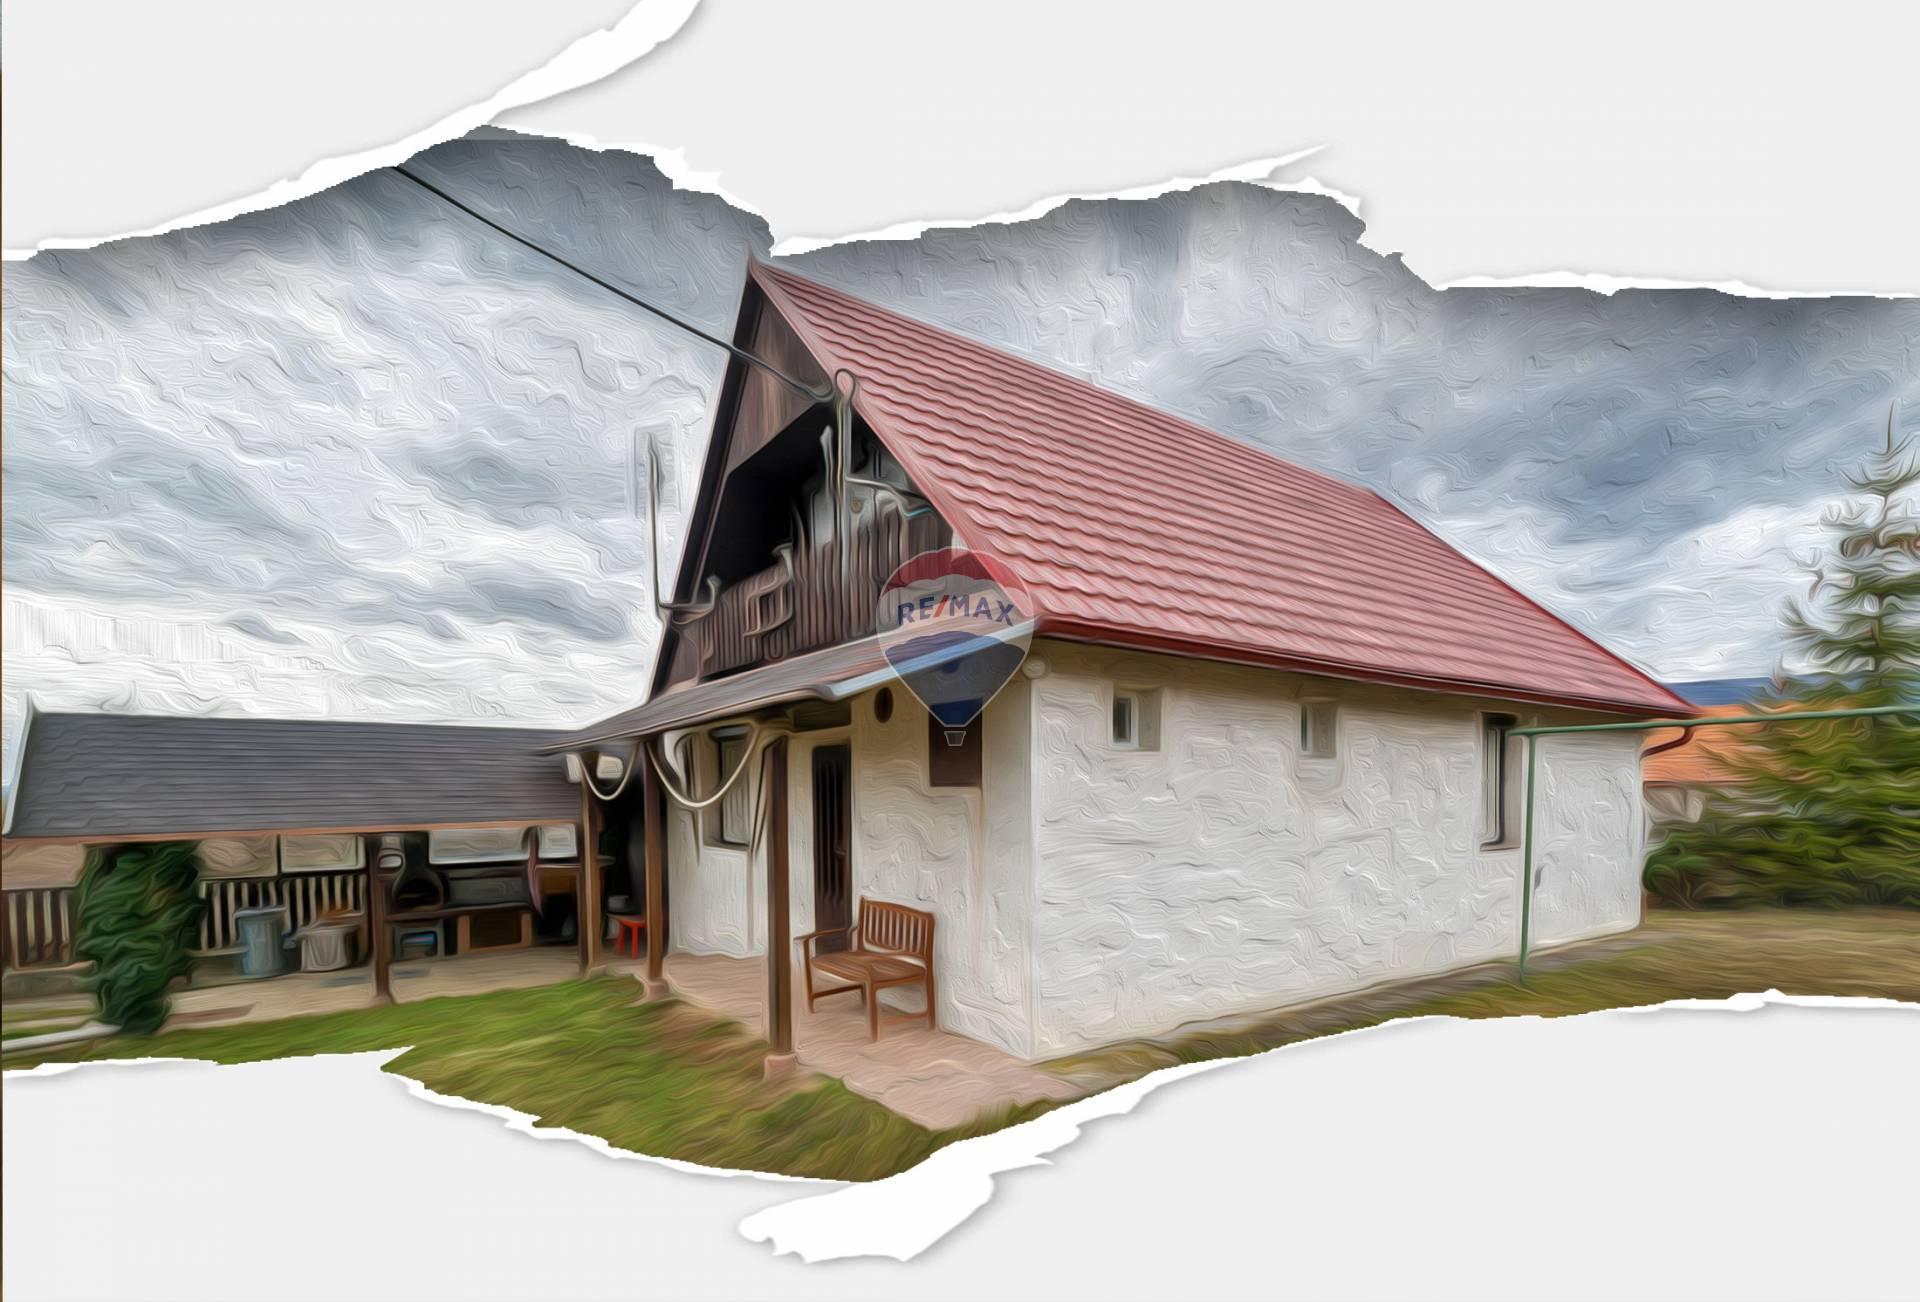 PREDAJ - Chalupa - (Rekreačná chata) - Lubina - Hrnčiarové